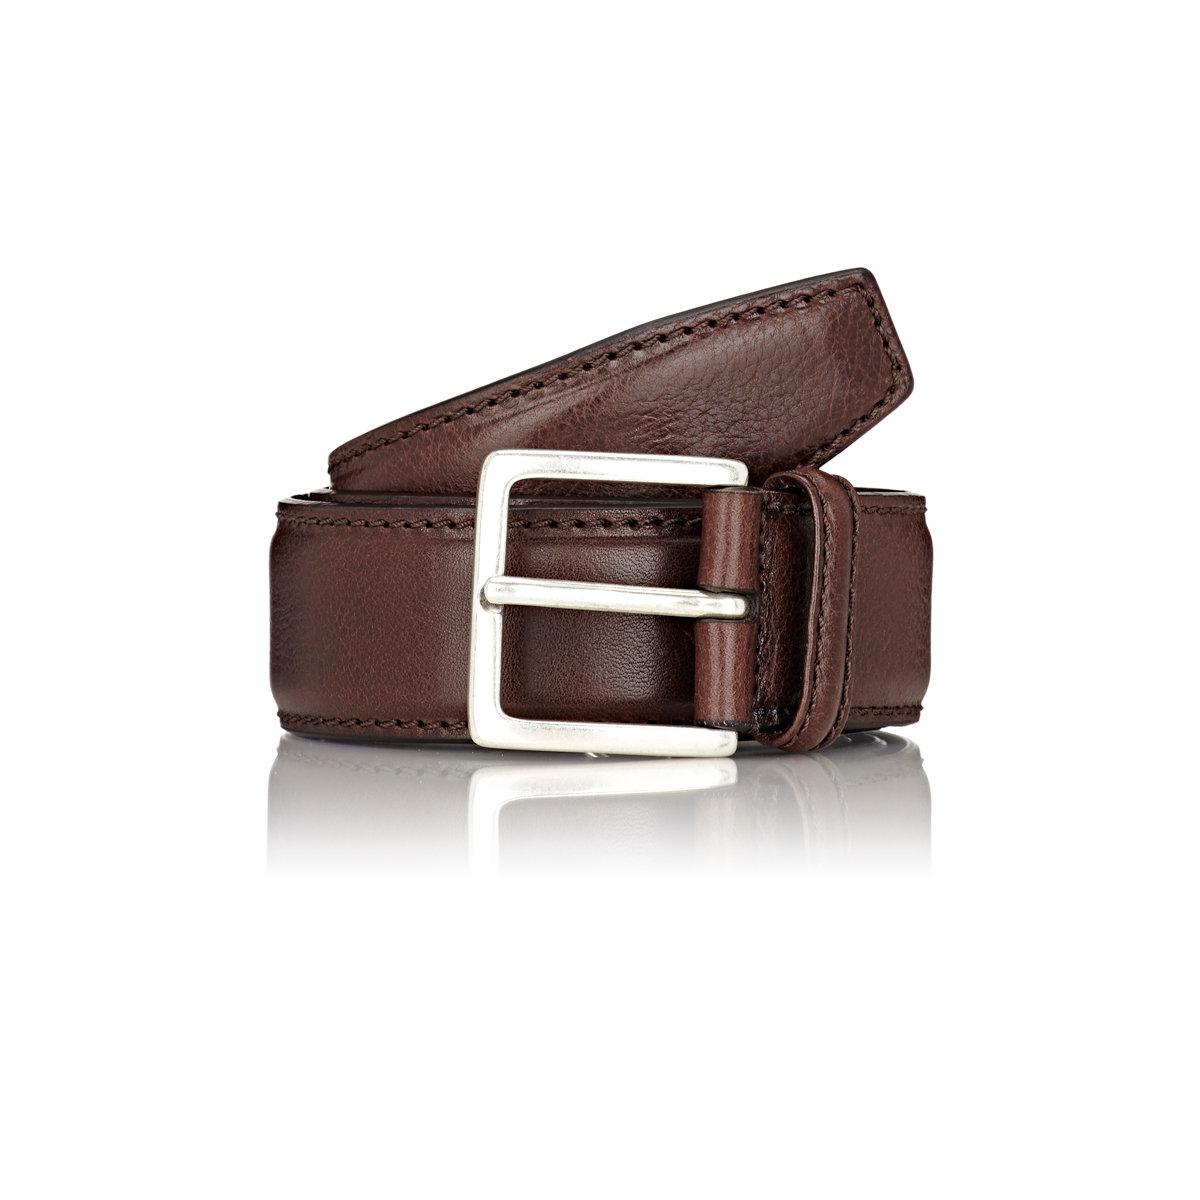 lyst barneys new york men 39 s leather belt in brown for men. Black Bedroom Furniture Sets. Home Design Ideas